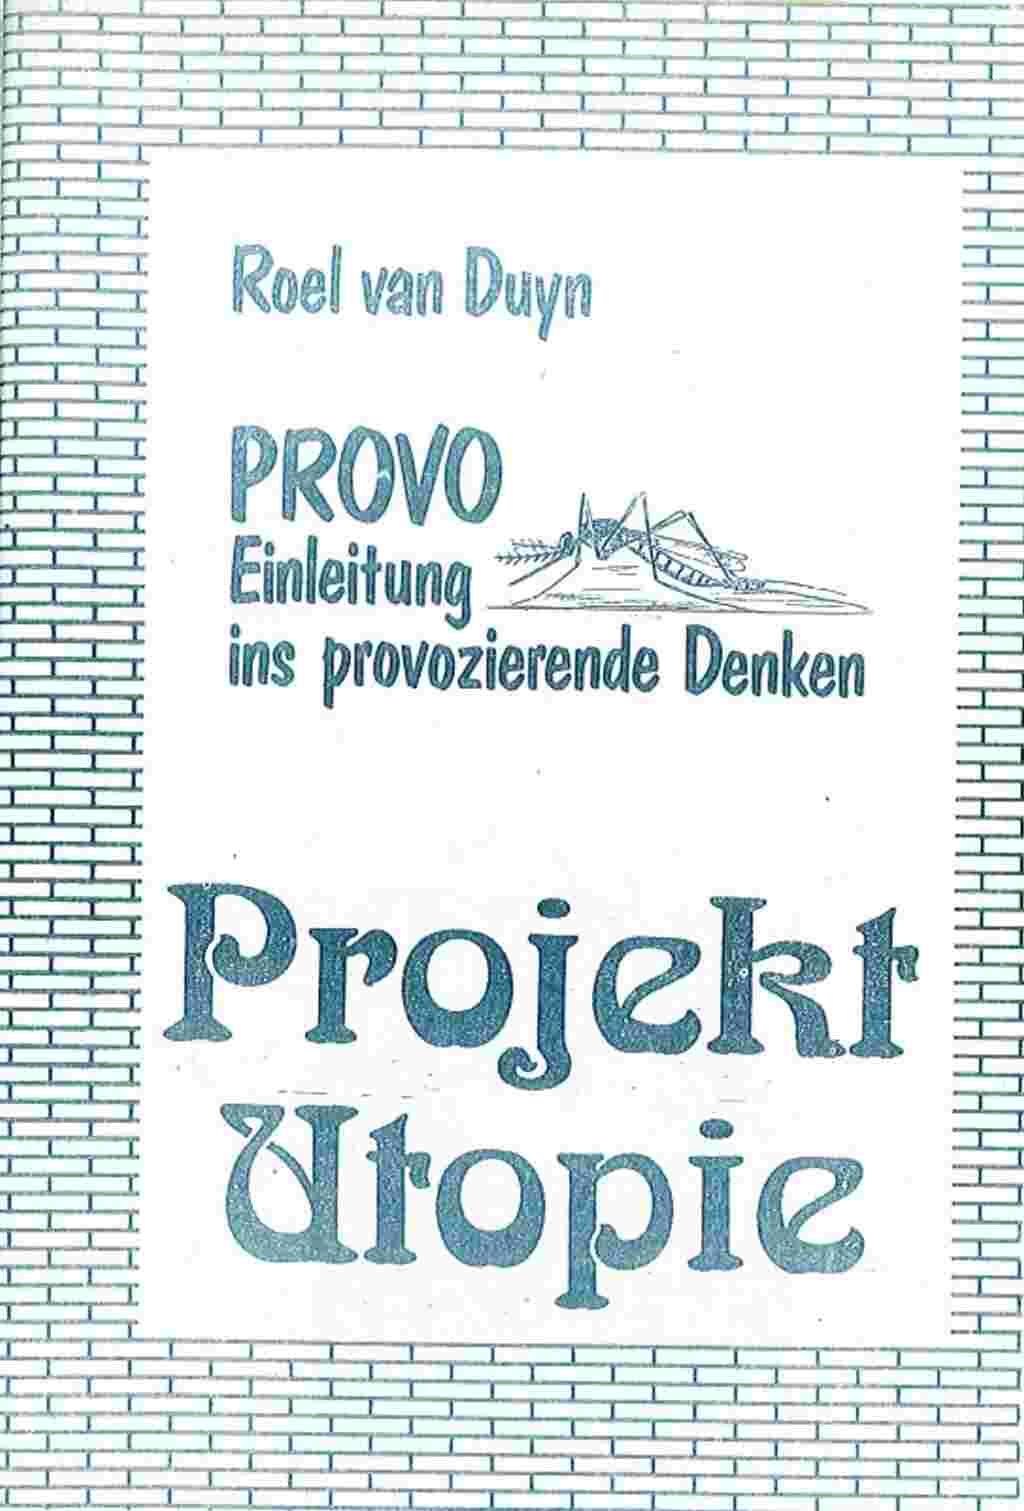 Roel van Duyn Provo